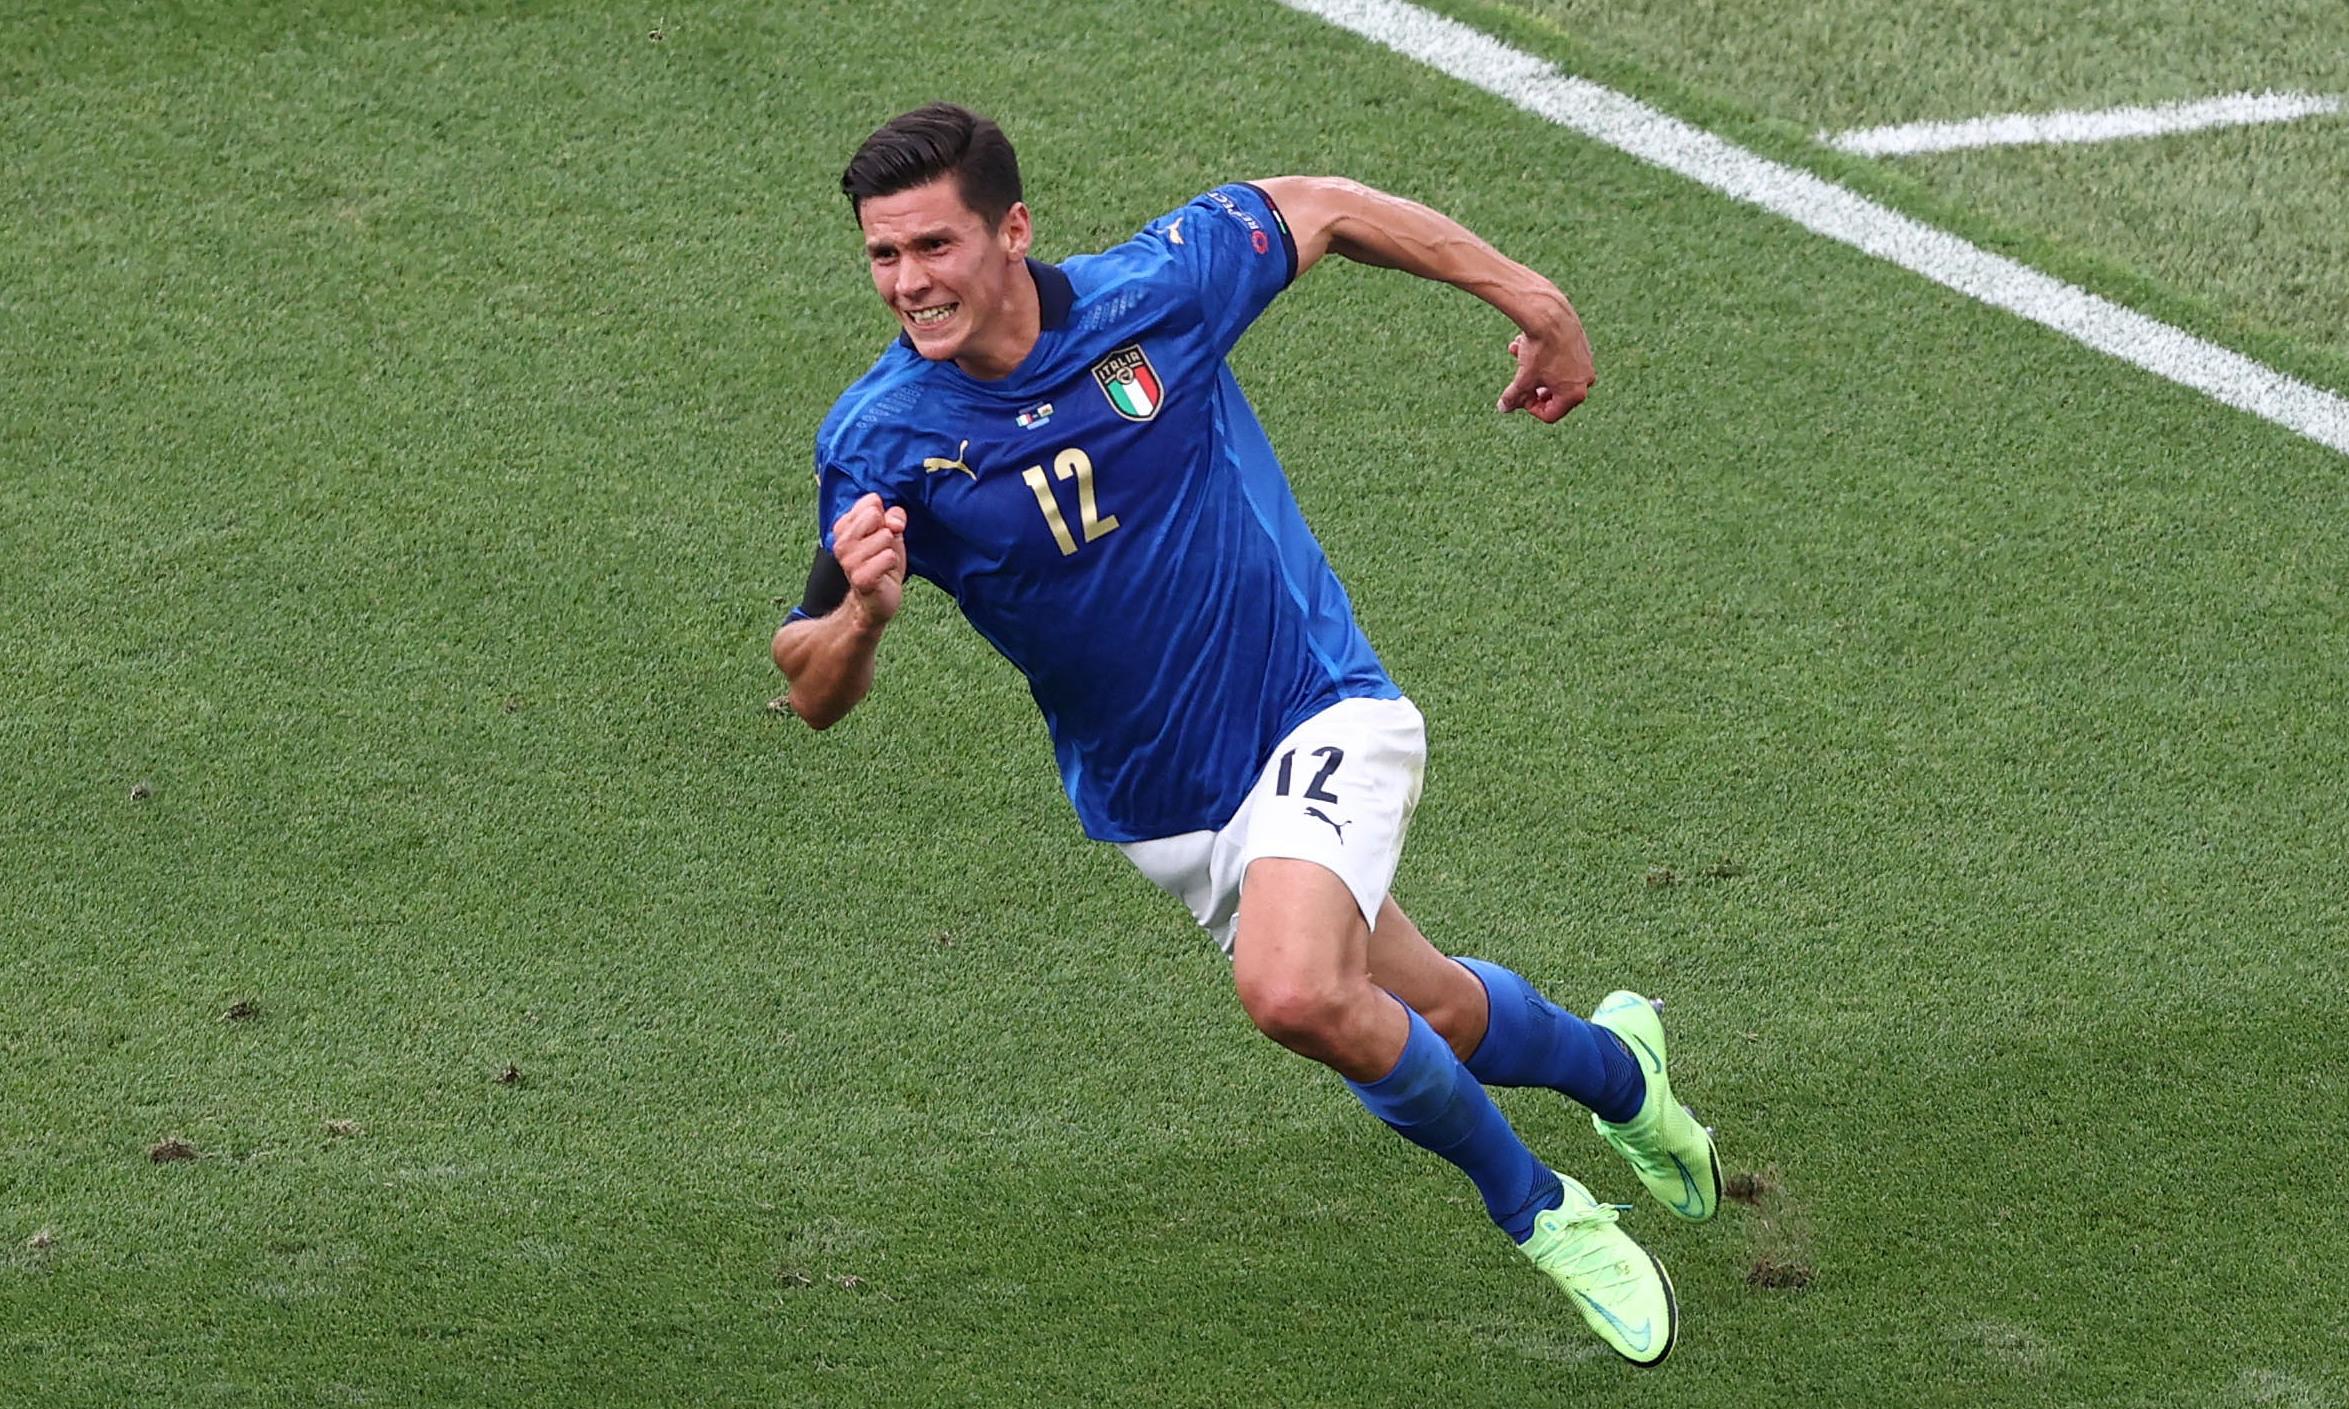 Tiền vệ Matteo Pessina mừng bàn duy nhất giúp Italy thắng Xứ Wales 1-0 tối 20/6. Ảnh: Reuters